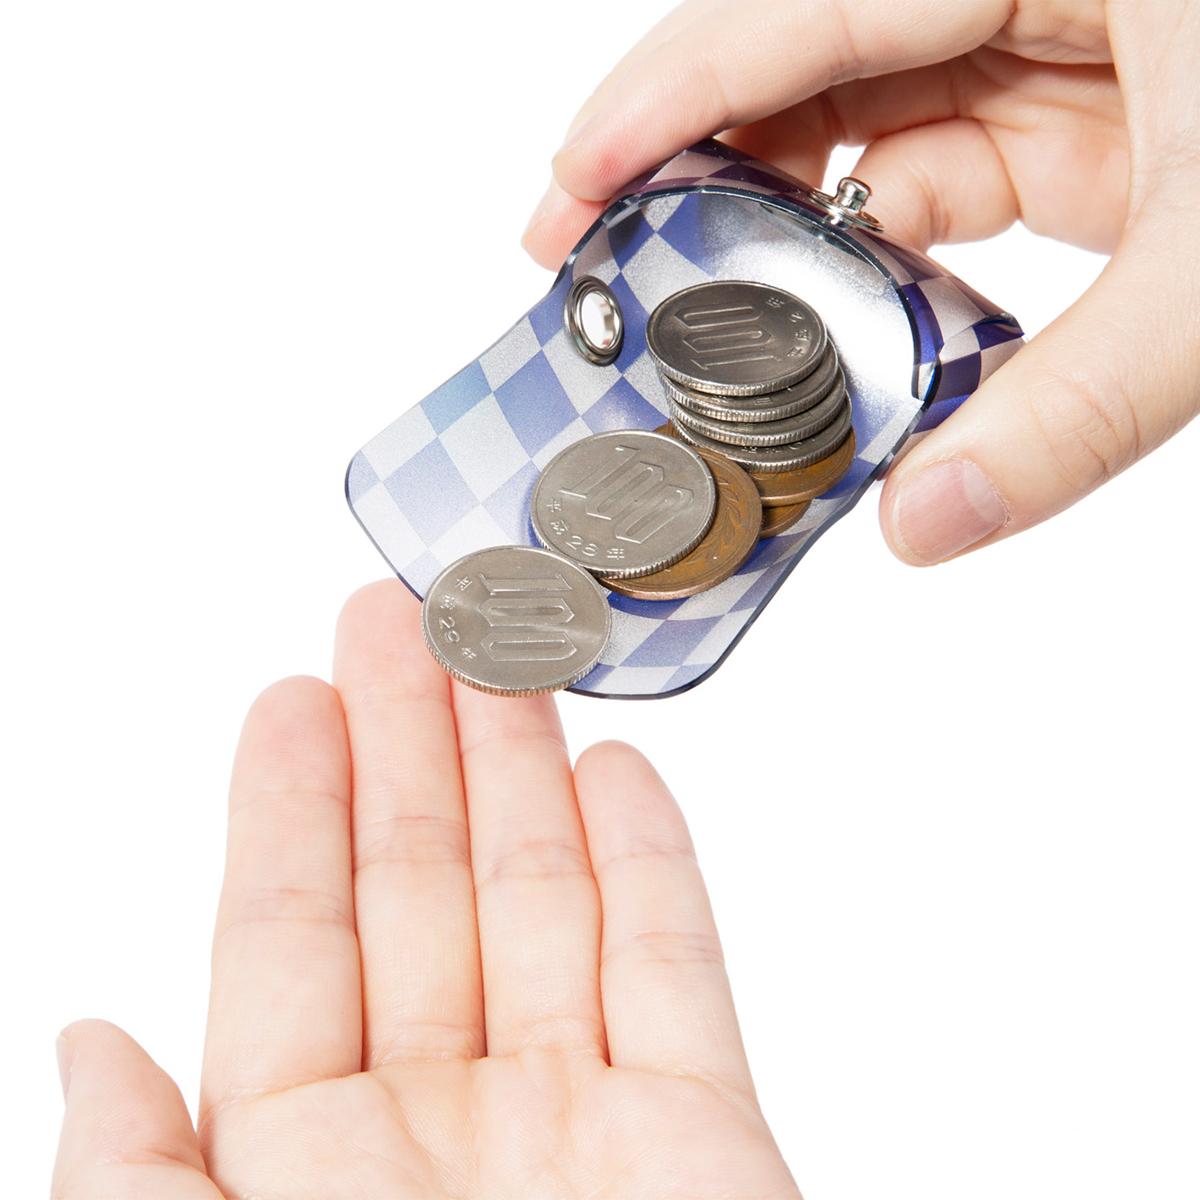 より軽くコンパクトに、お金を出し入れしやすく、たくさん収納できるミニマム構造がかなえる、軽量&収納力の「ミニ財布」|SALLIES